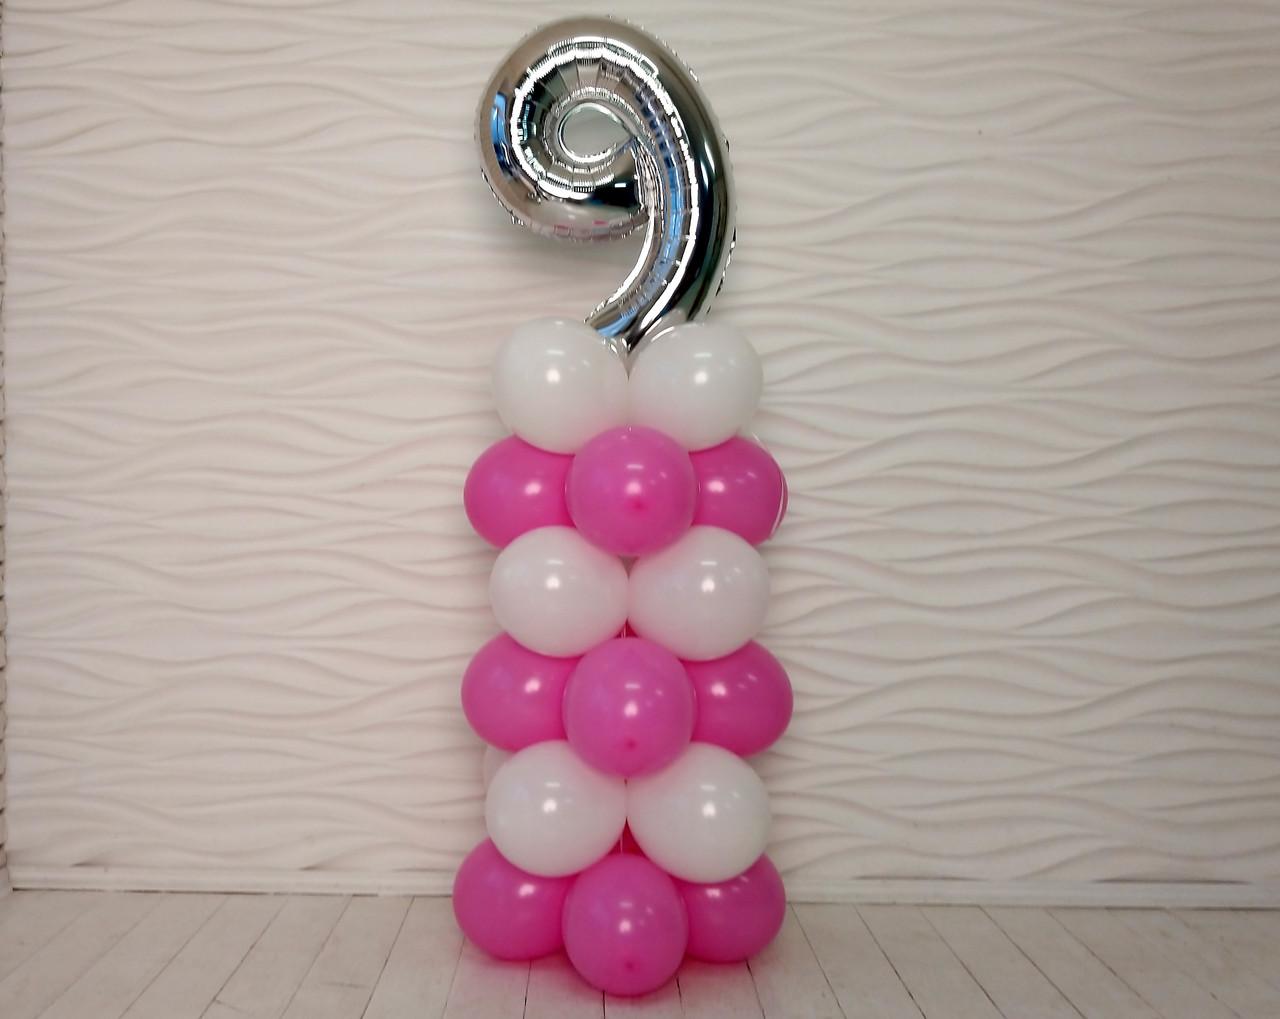 """Композиция с воздушных шариков """"Стойка с цифрой """"9"""" (бело-розовая)"""